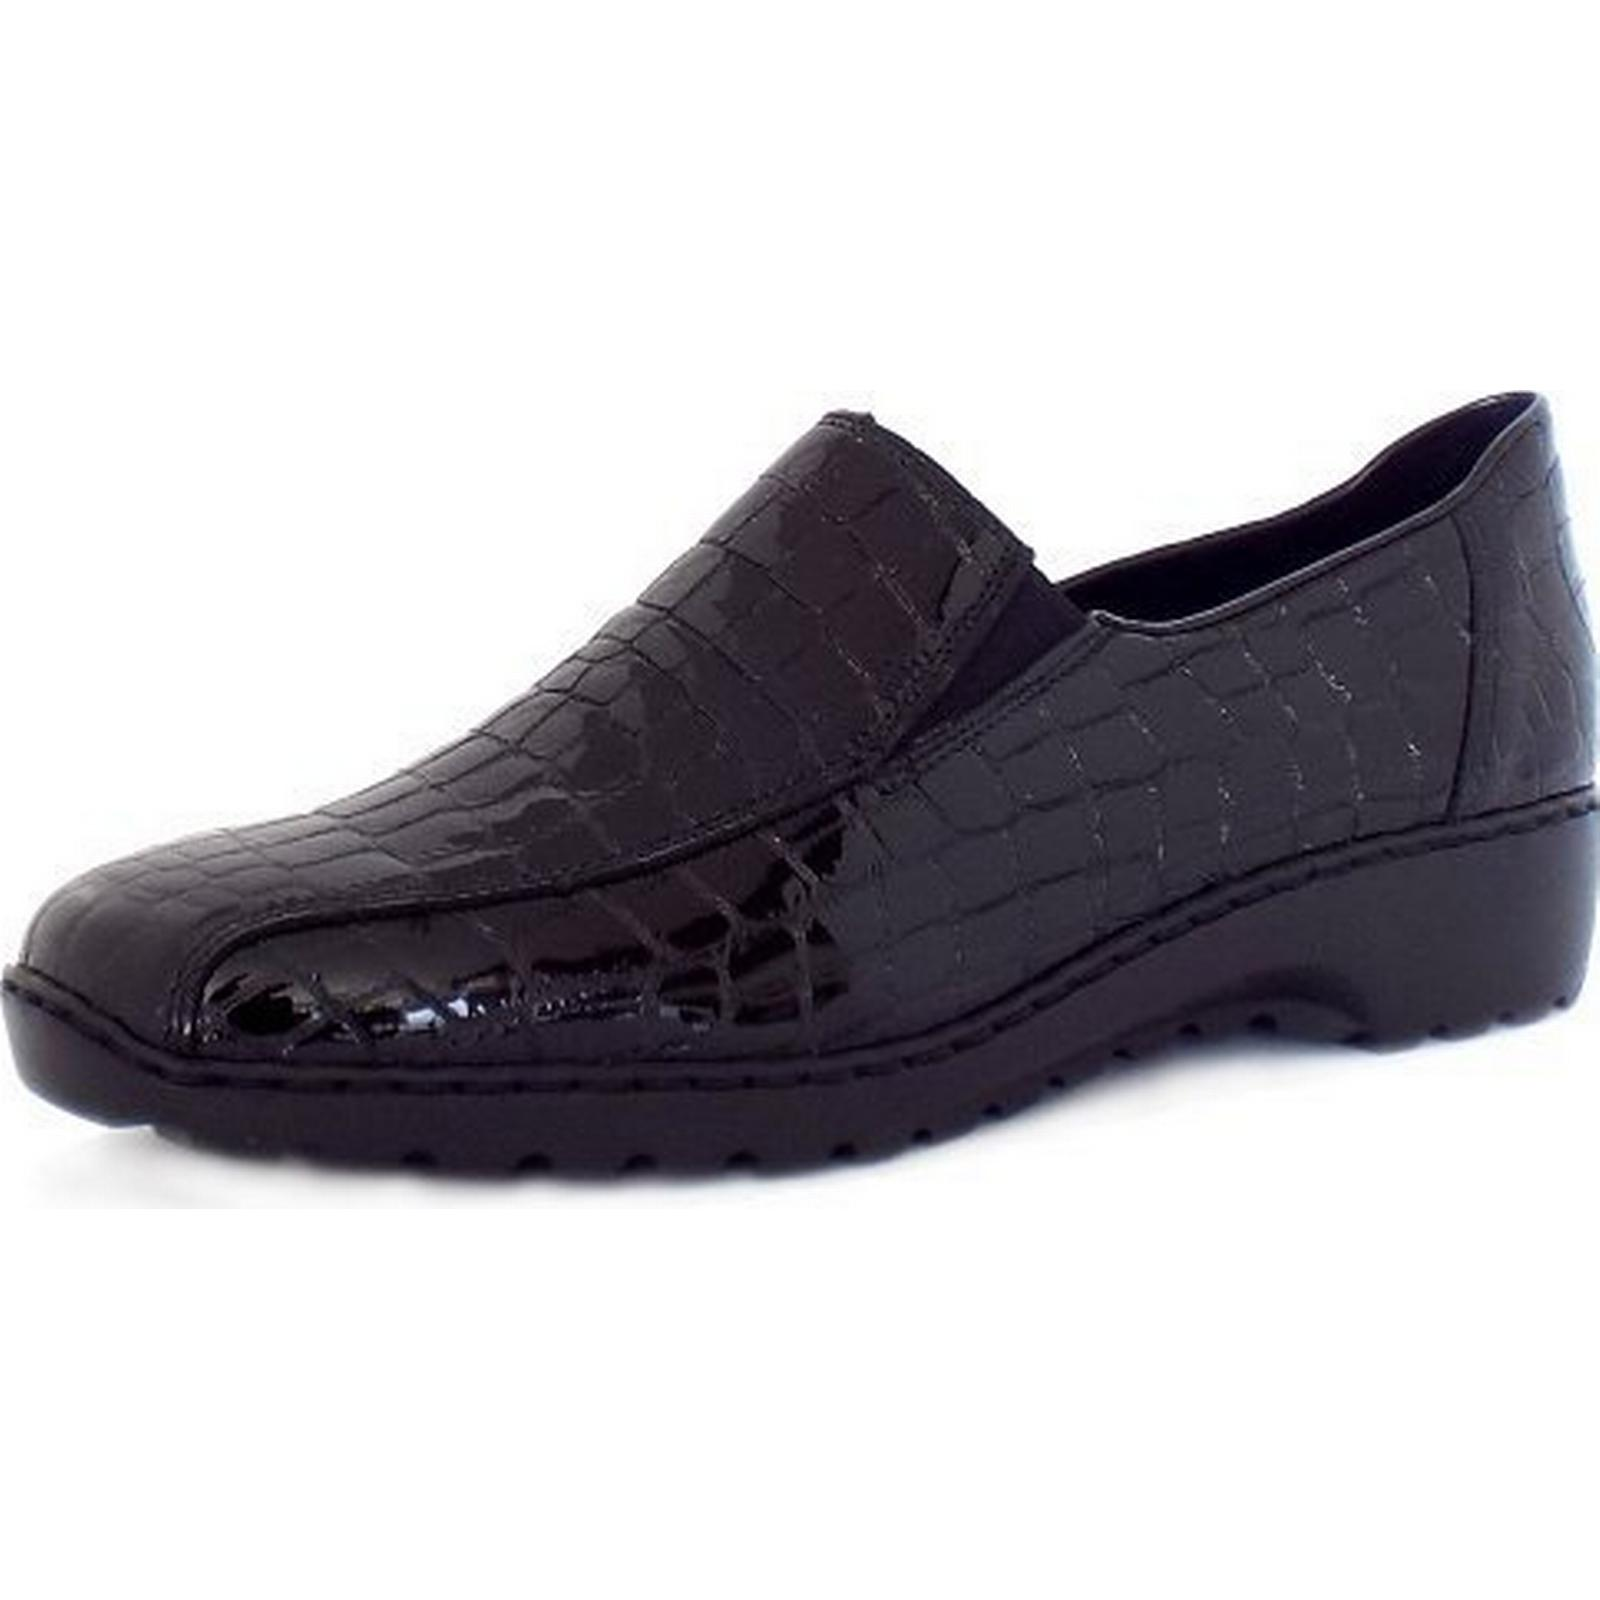 Rieker WONDER RIEKER LADIES LADIES RIEKER SHOES Size: 36, Colour: BLACK CROC 89a125